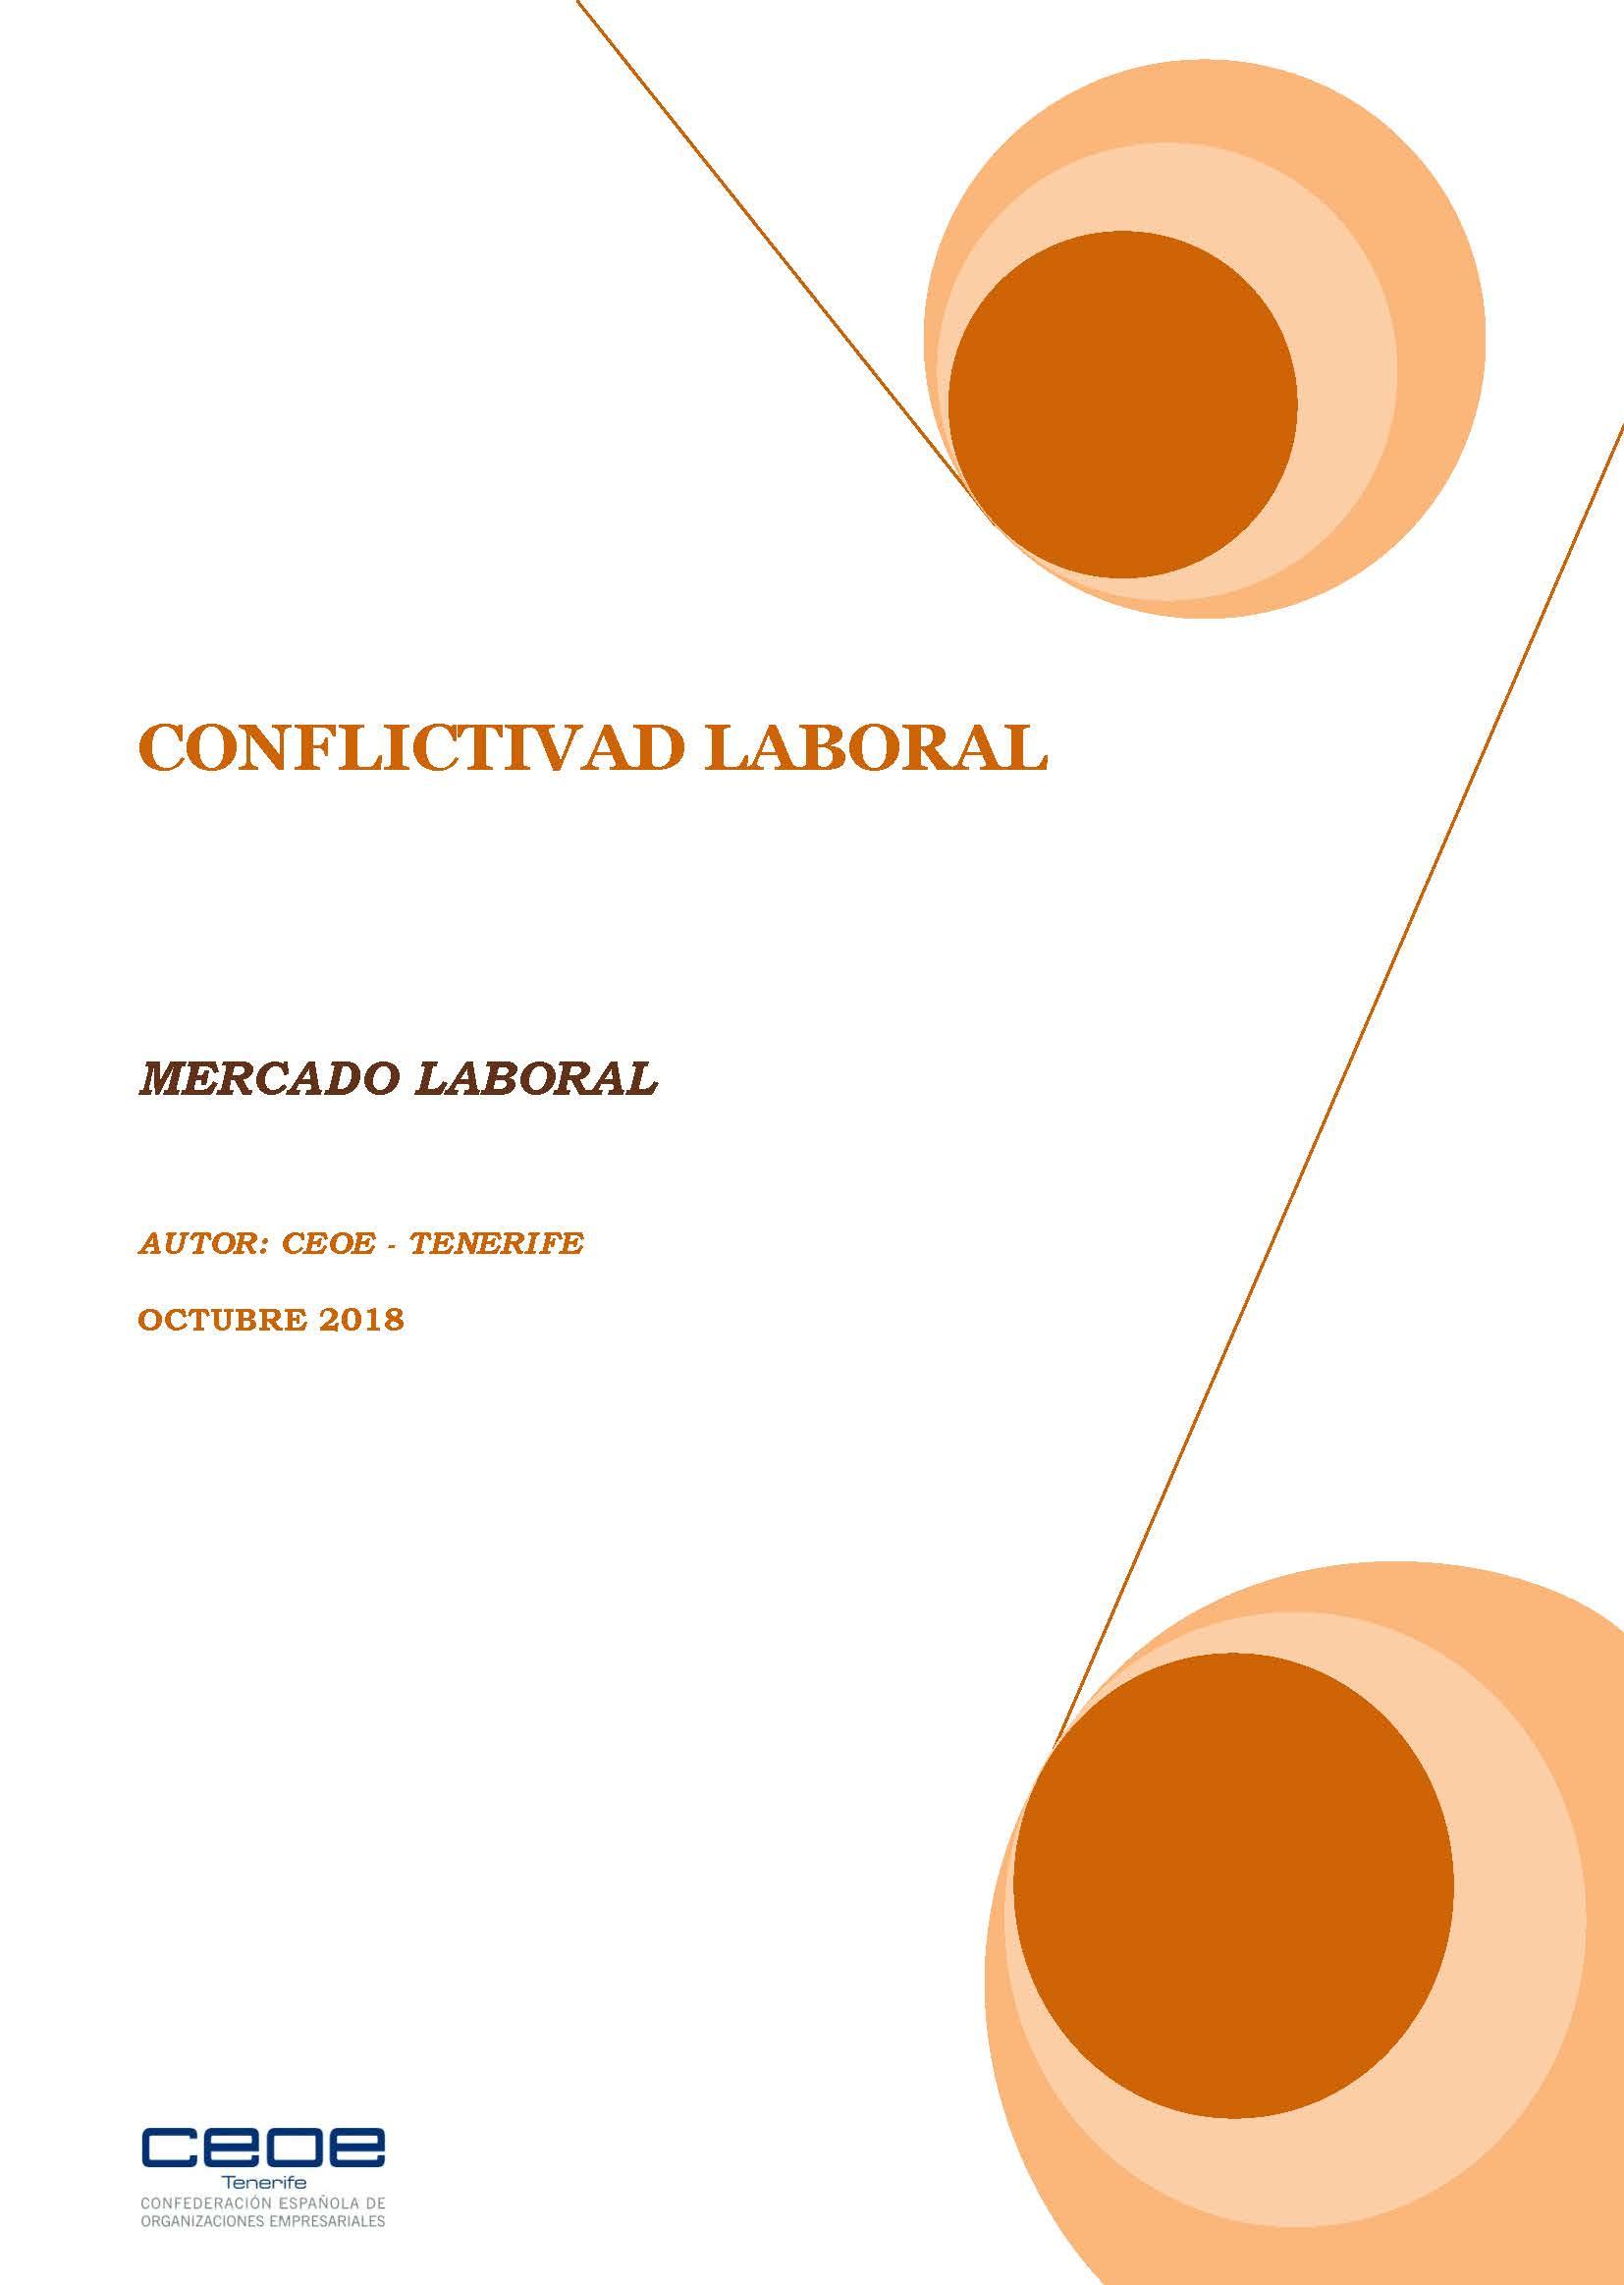 MERCADO LABORAL - CONFLICTIVIDAD LABORAL OCTUBRE 2018